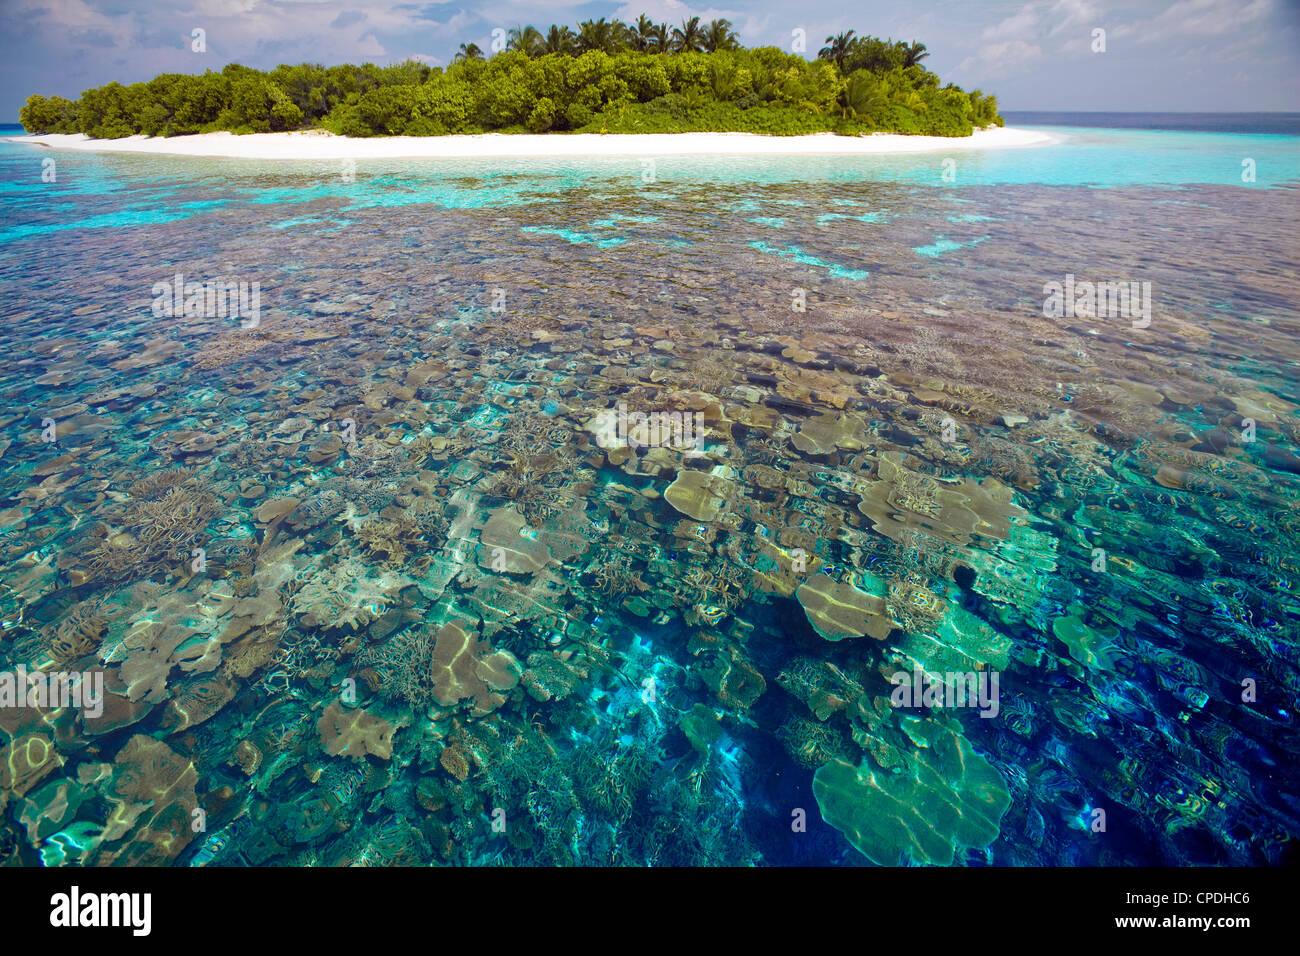 Plaques de corail, le lagon et l'île tropicale, Maldives, océan Indien, Asie Photo Stock